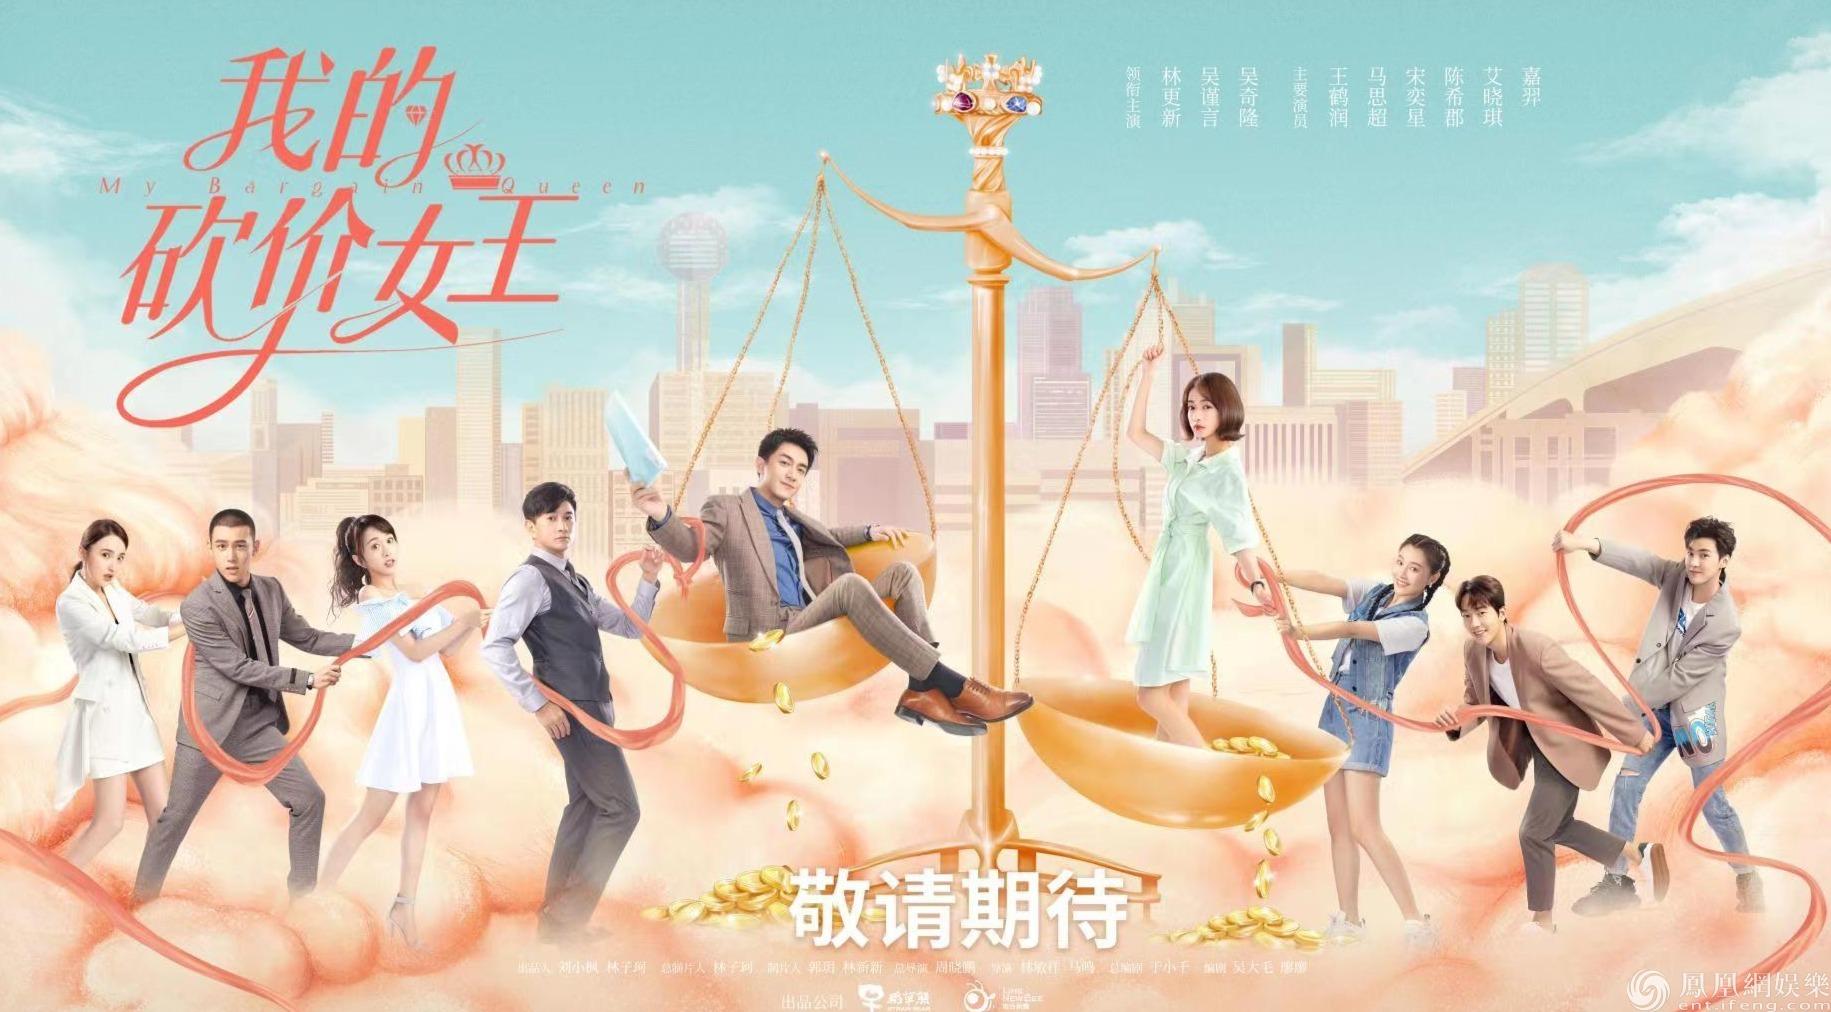 BXH điểm Douban phim tháng 9: 'Rác phẩm' của Triệu Lộ Tư đè bẹp tận 2 dự án, Nhậm Gia Luân - Bạch Lộc 'xì hơi' 5